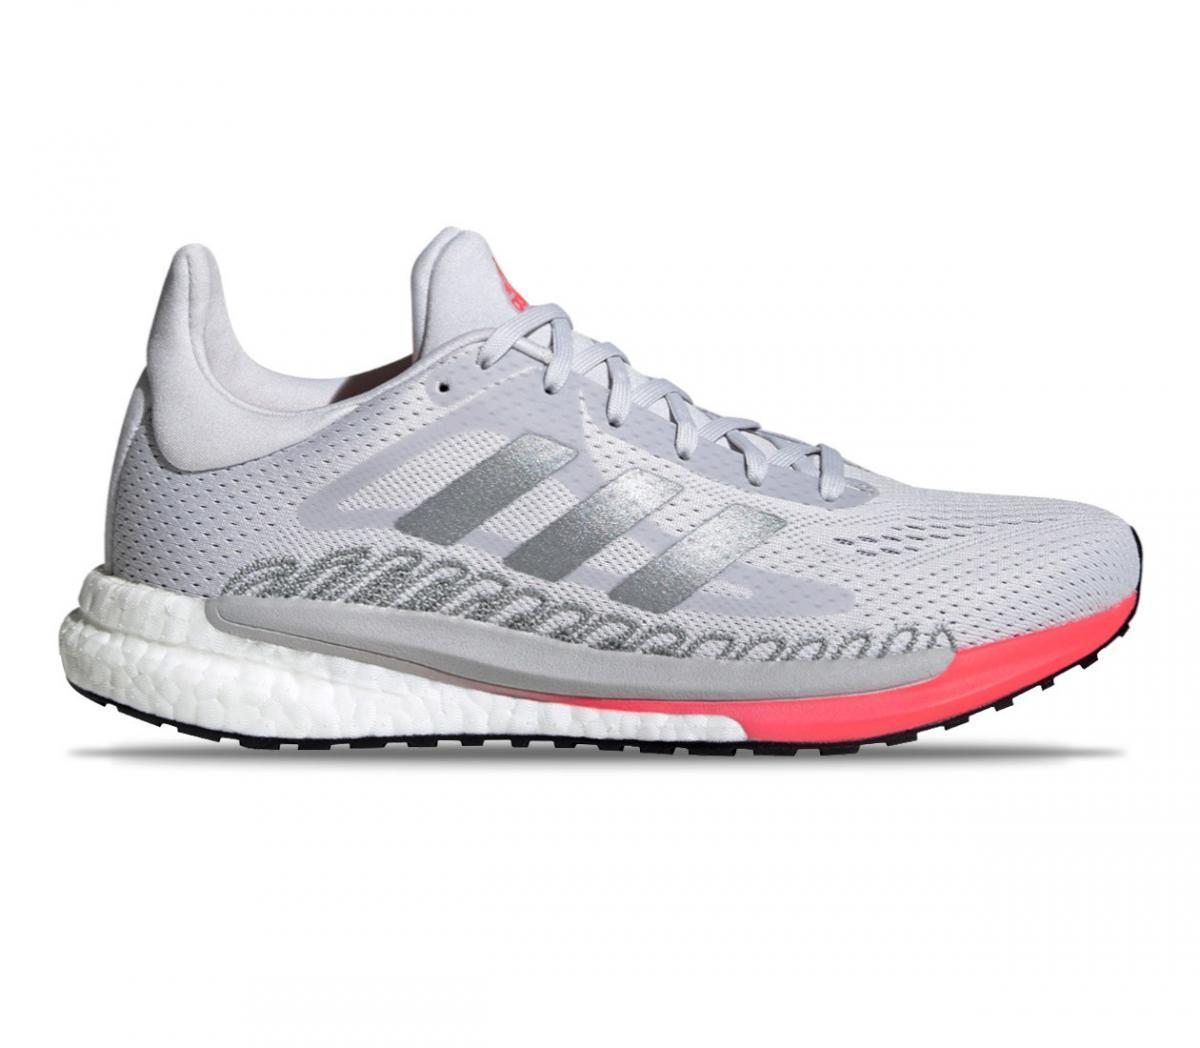 scarpa da running donna adidas solar glide 3 bianca